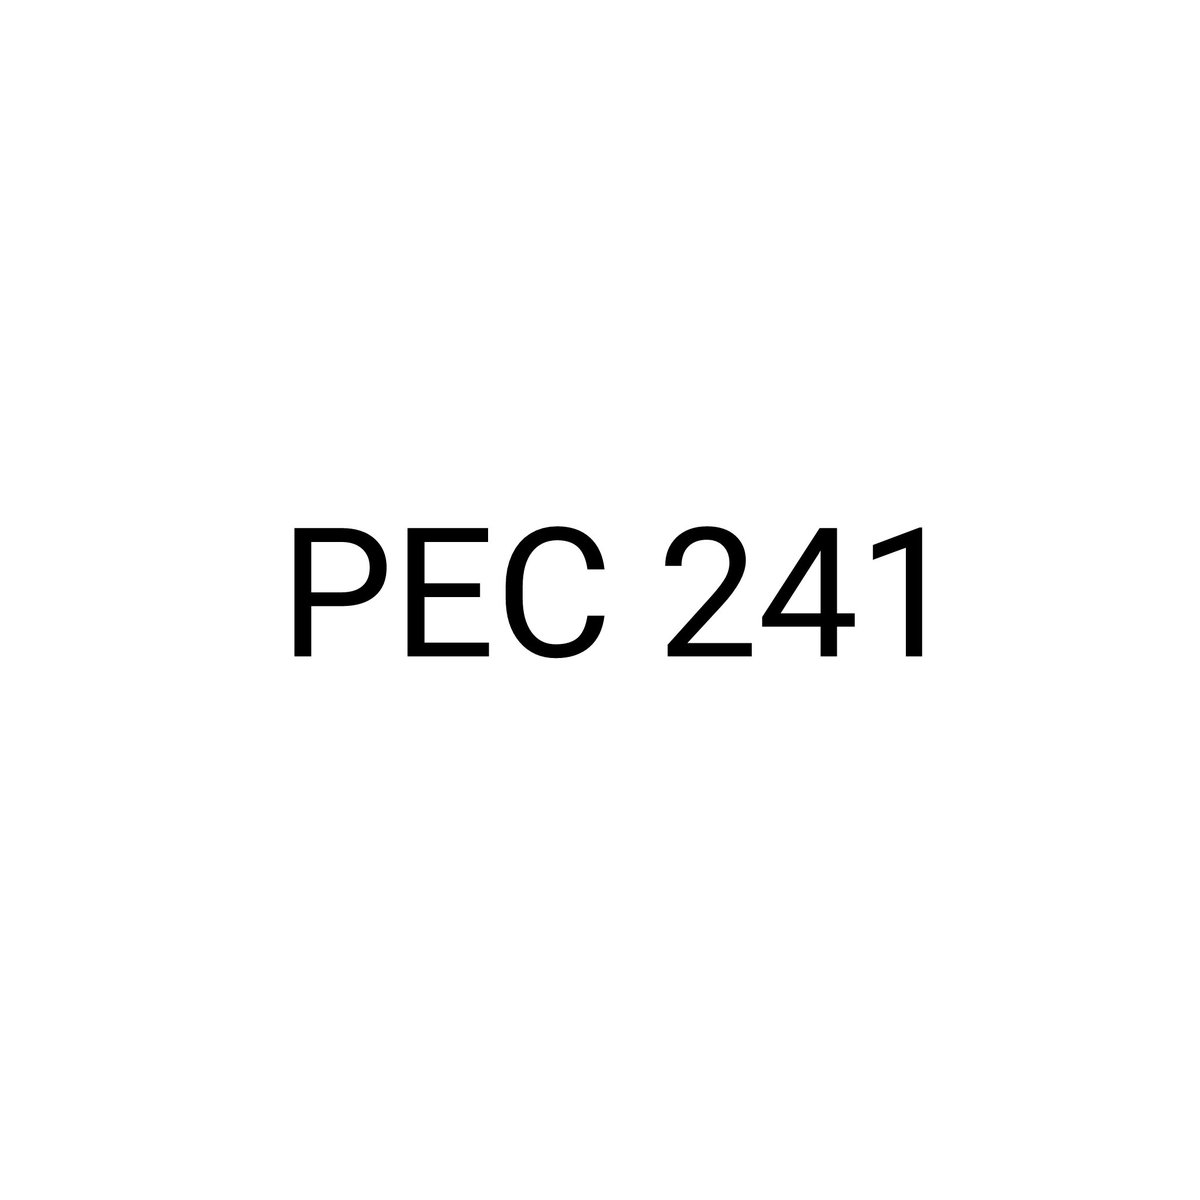 #SouContraPEC241: Sou Contra PEC 241